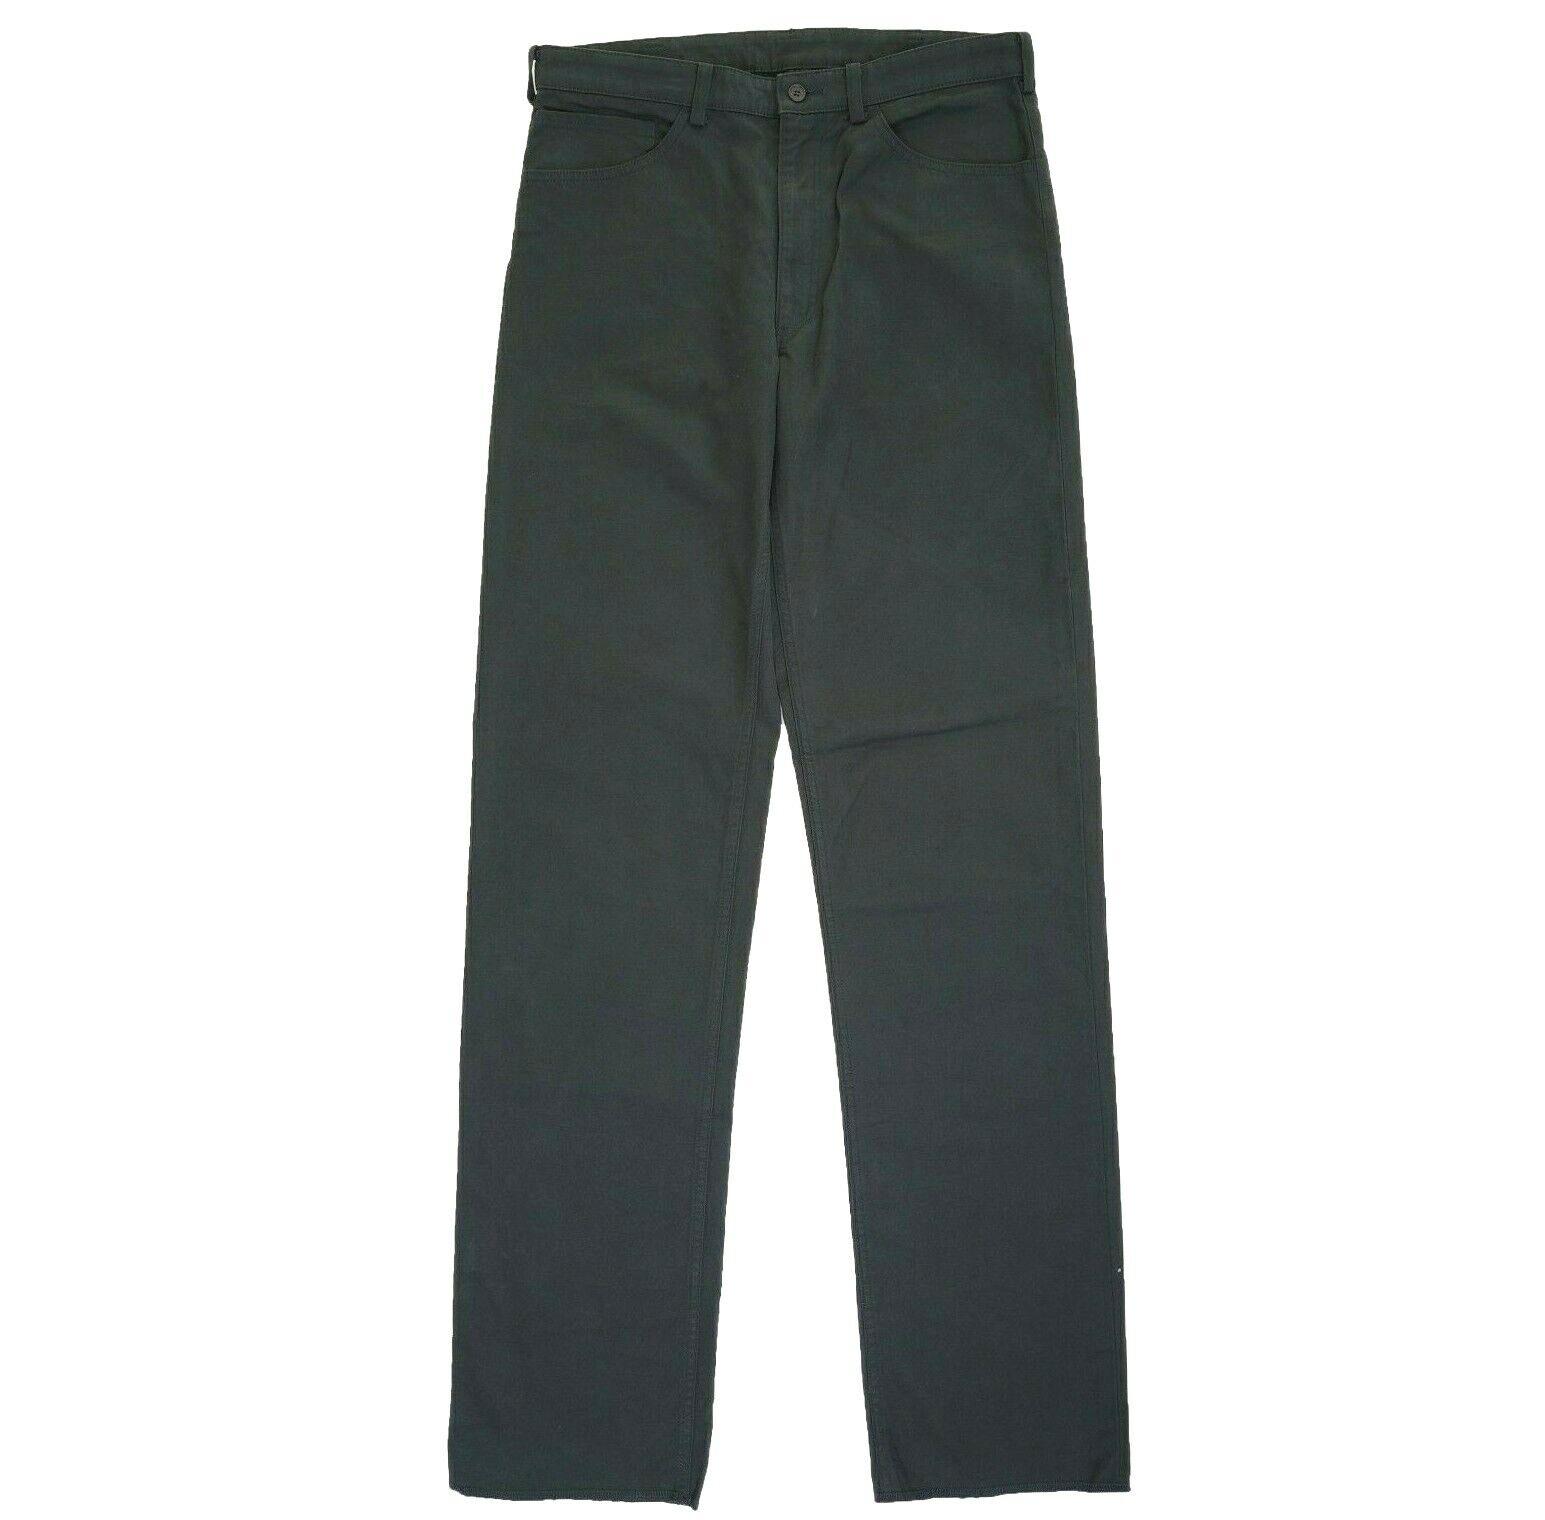 Issey Miyake mainline dark green trousers (000-906)